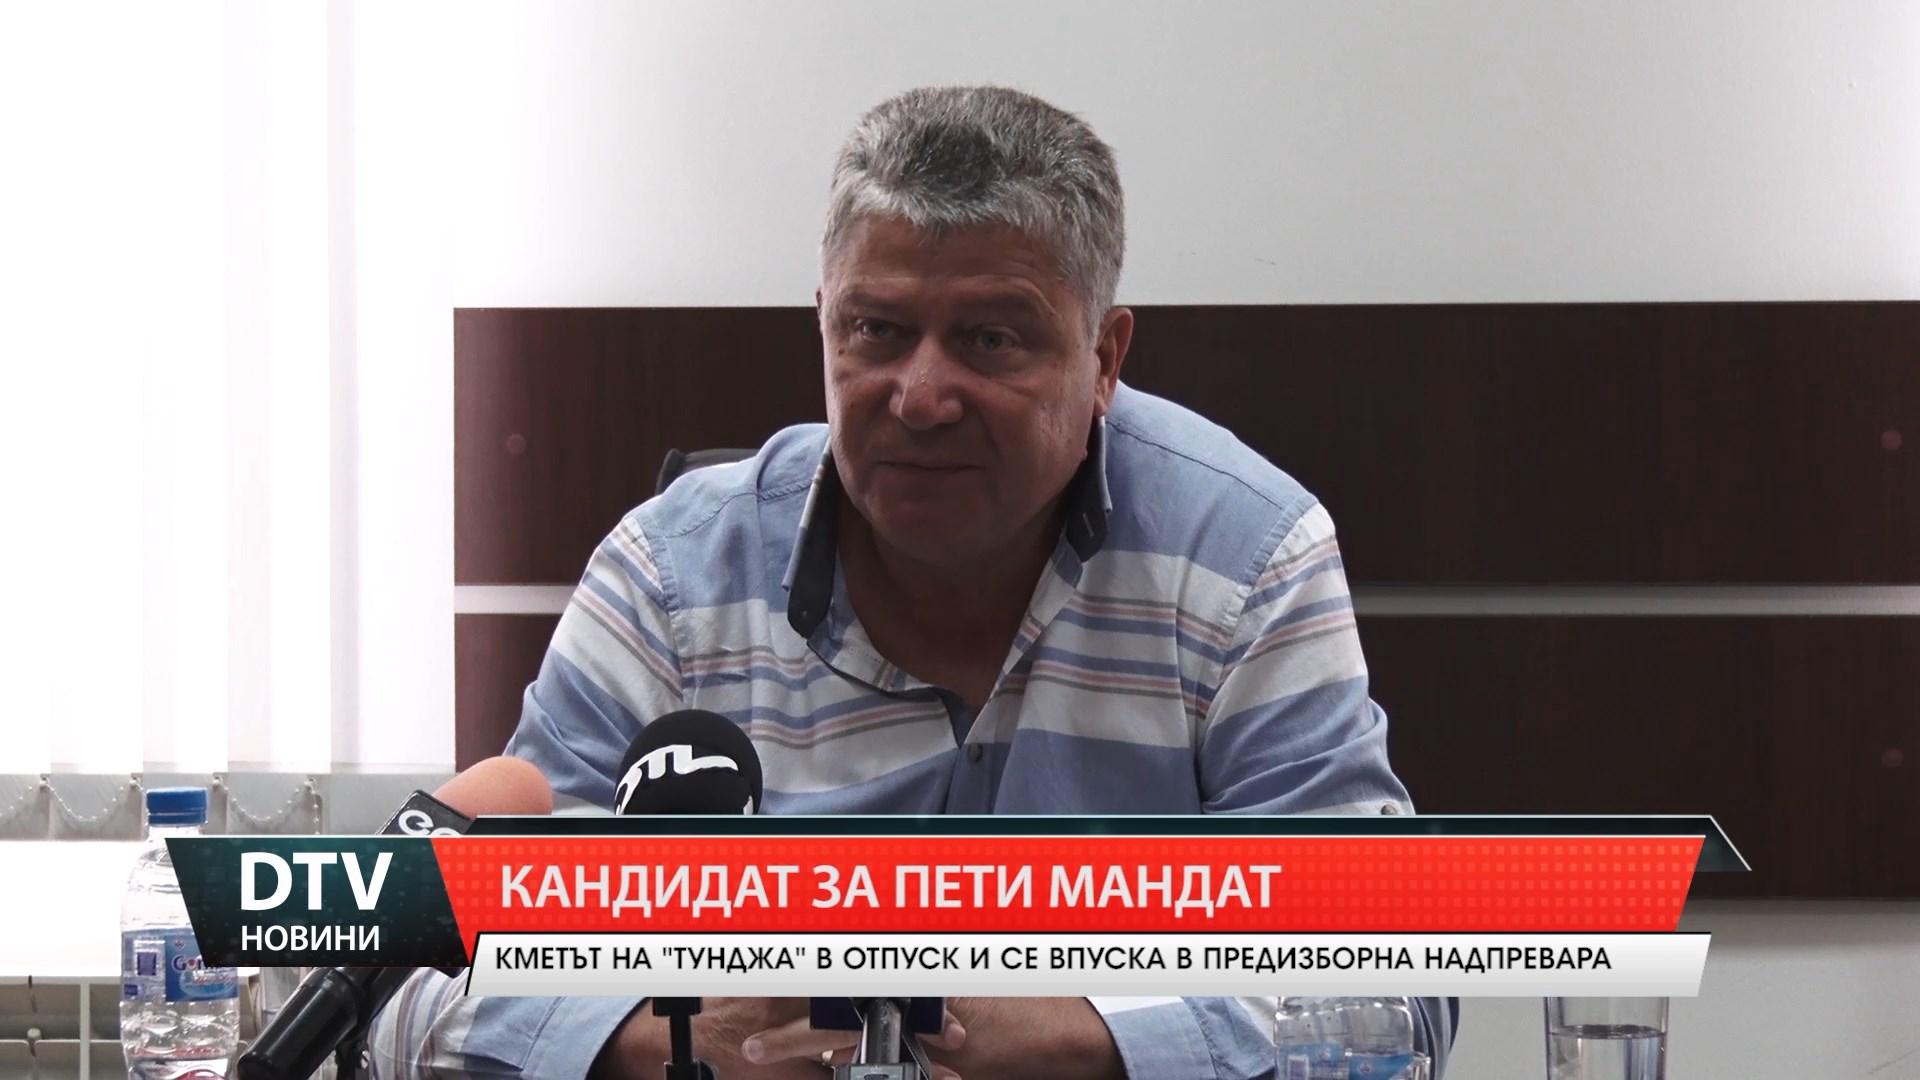 """Кметът на """"Тунджа"""" излиза в отпуск и се впуска в предизборна надпревара"""